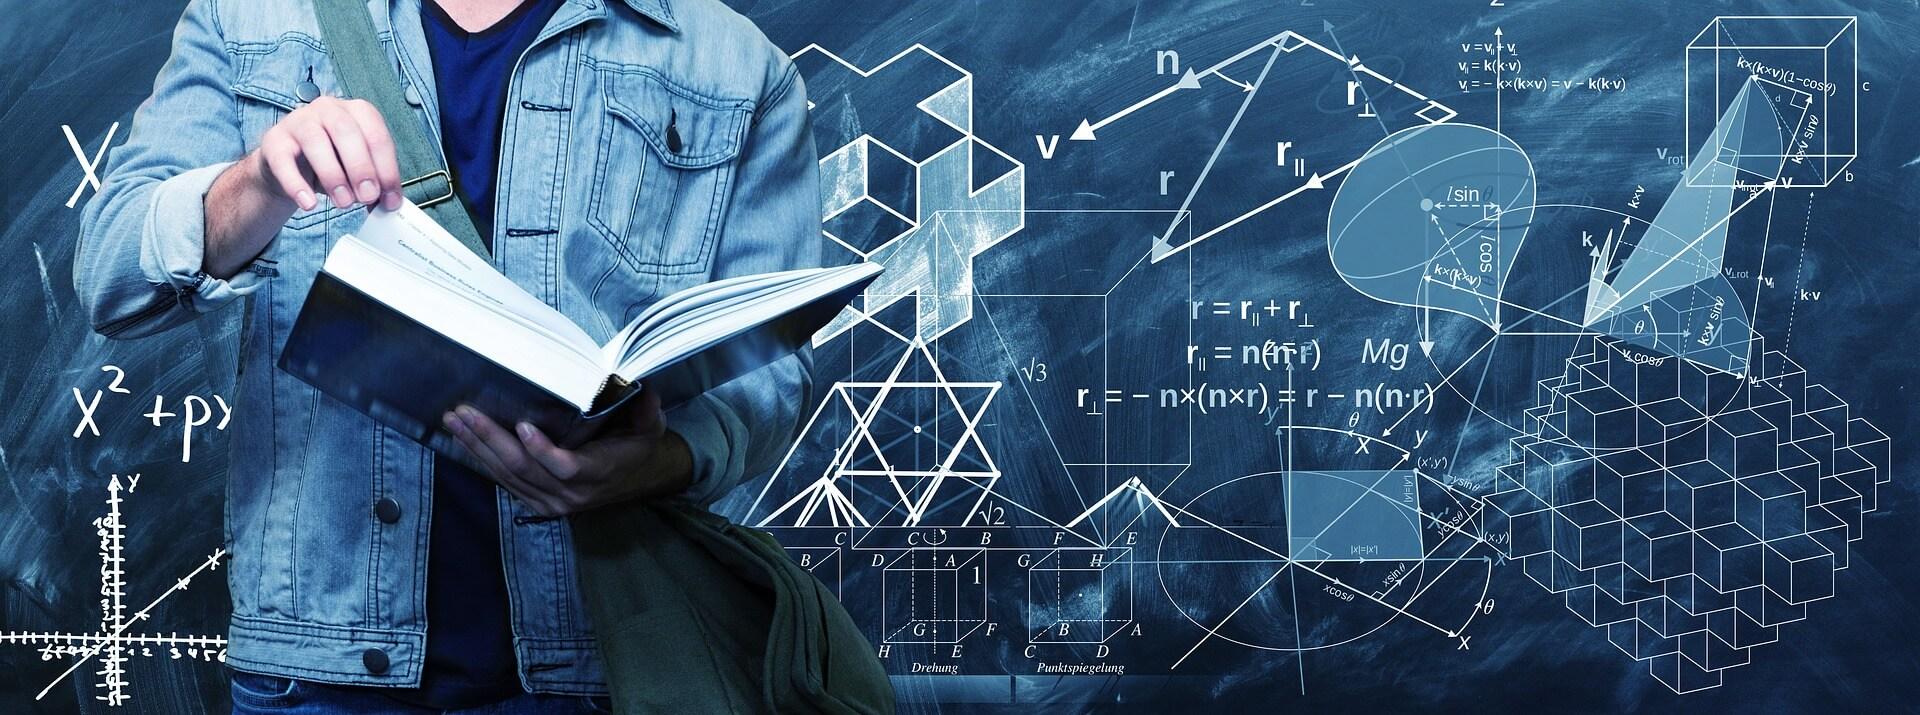 Universal Design in Universities